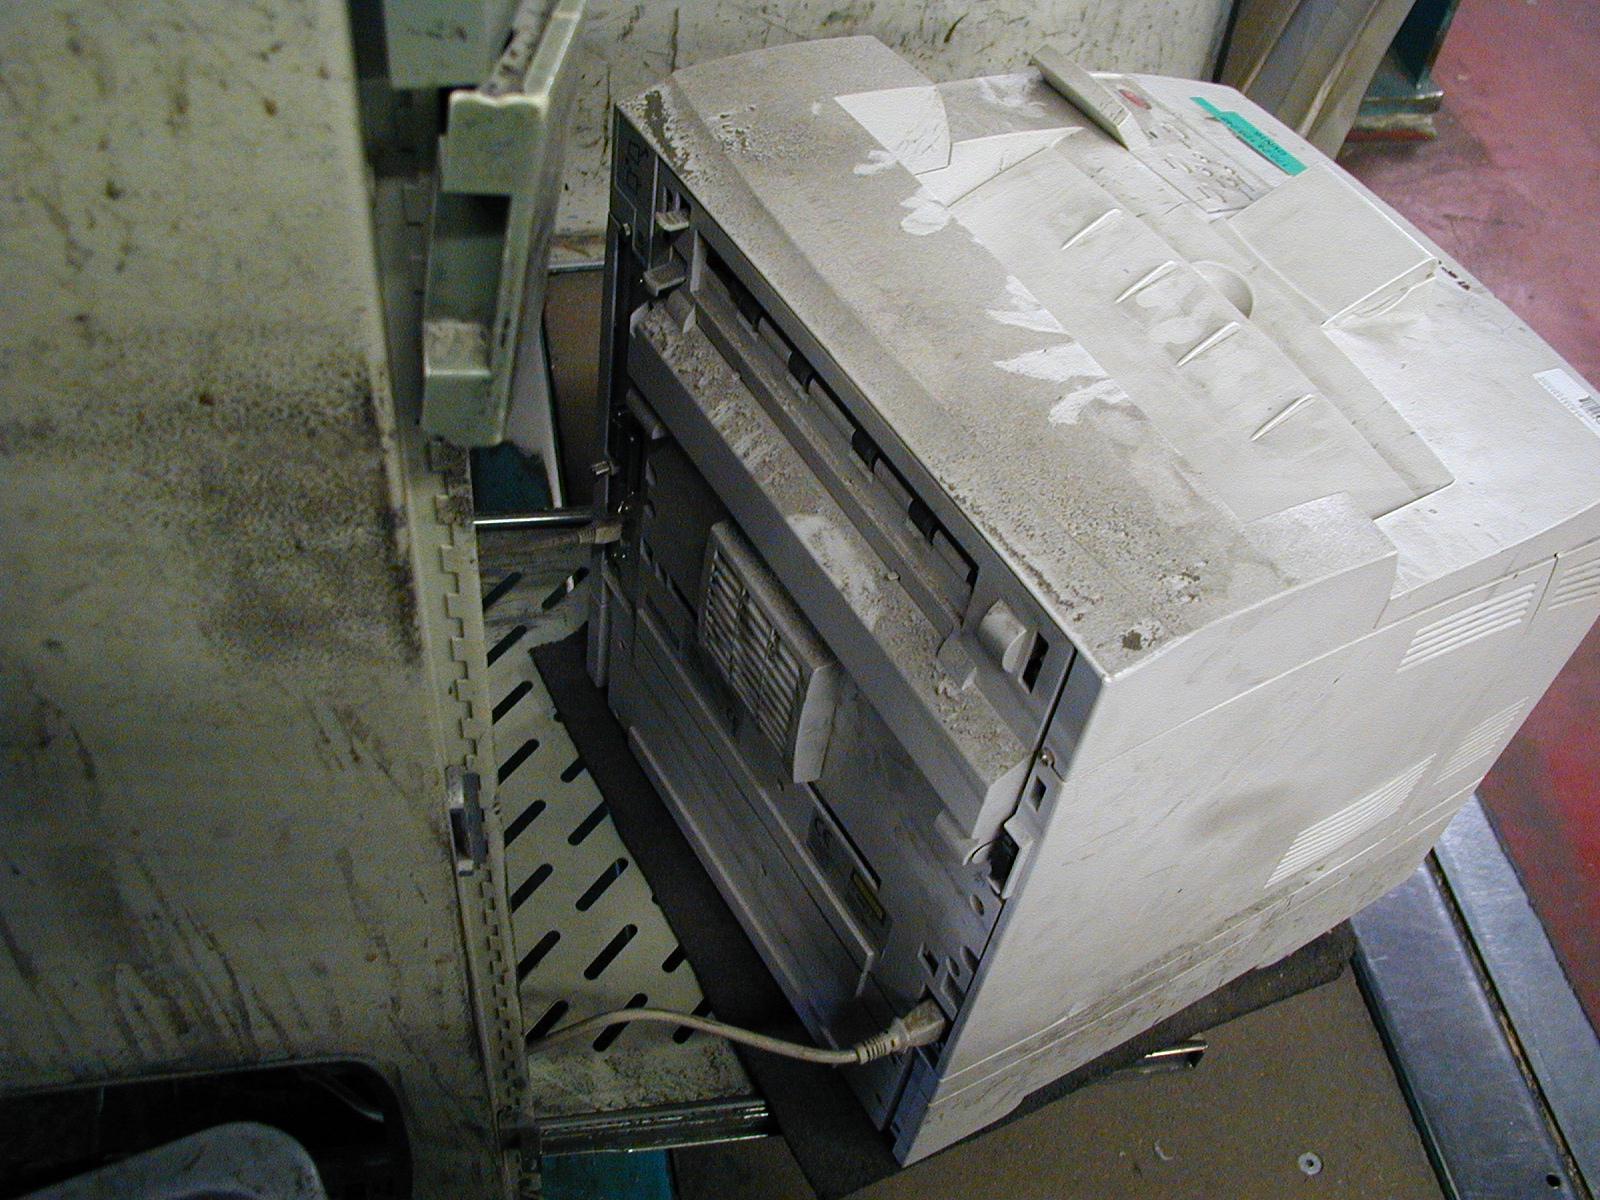 Drucker in Staub und Schmutz